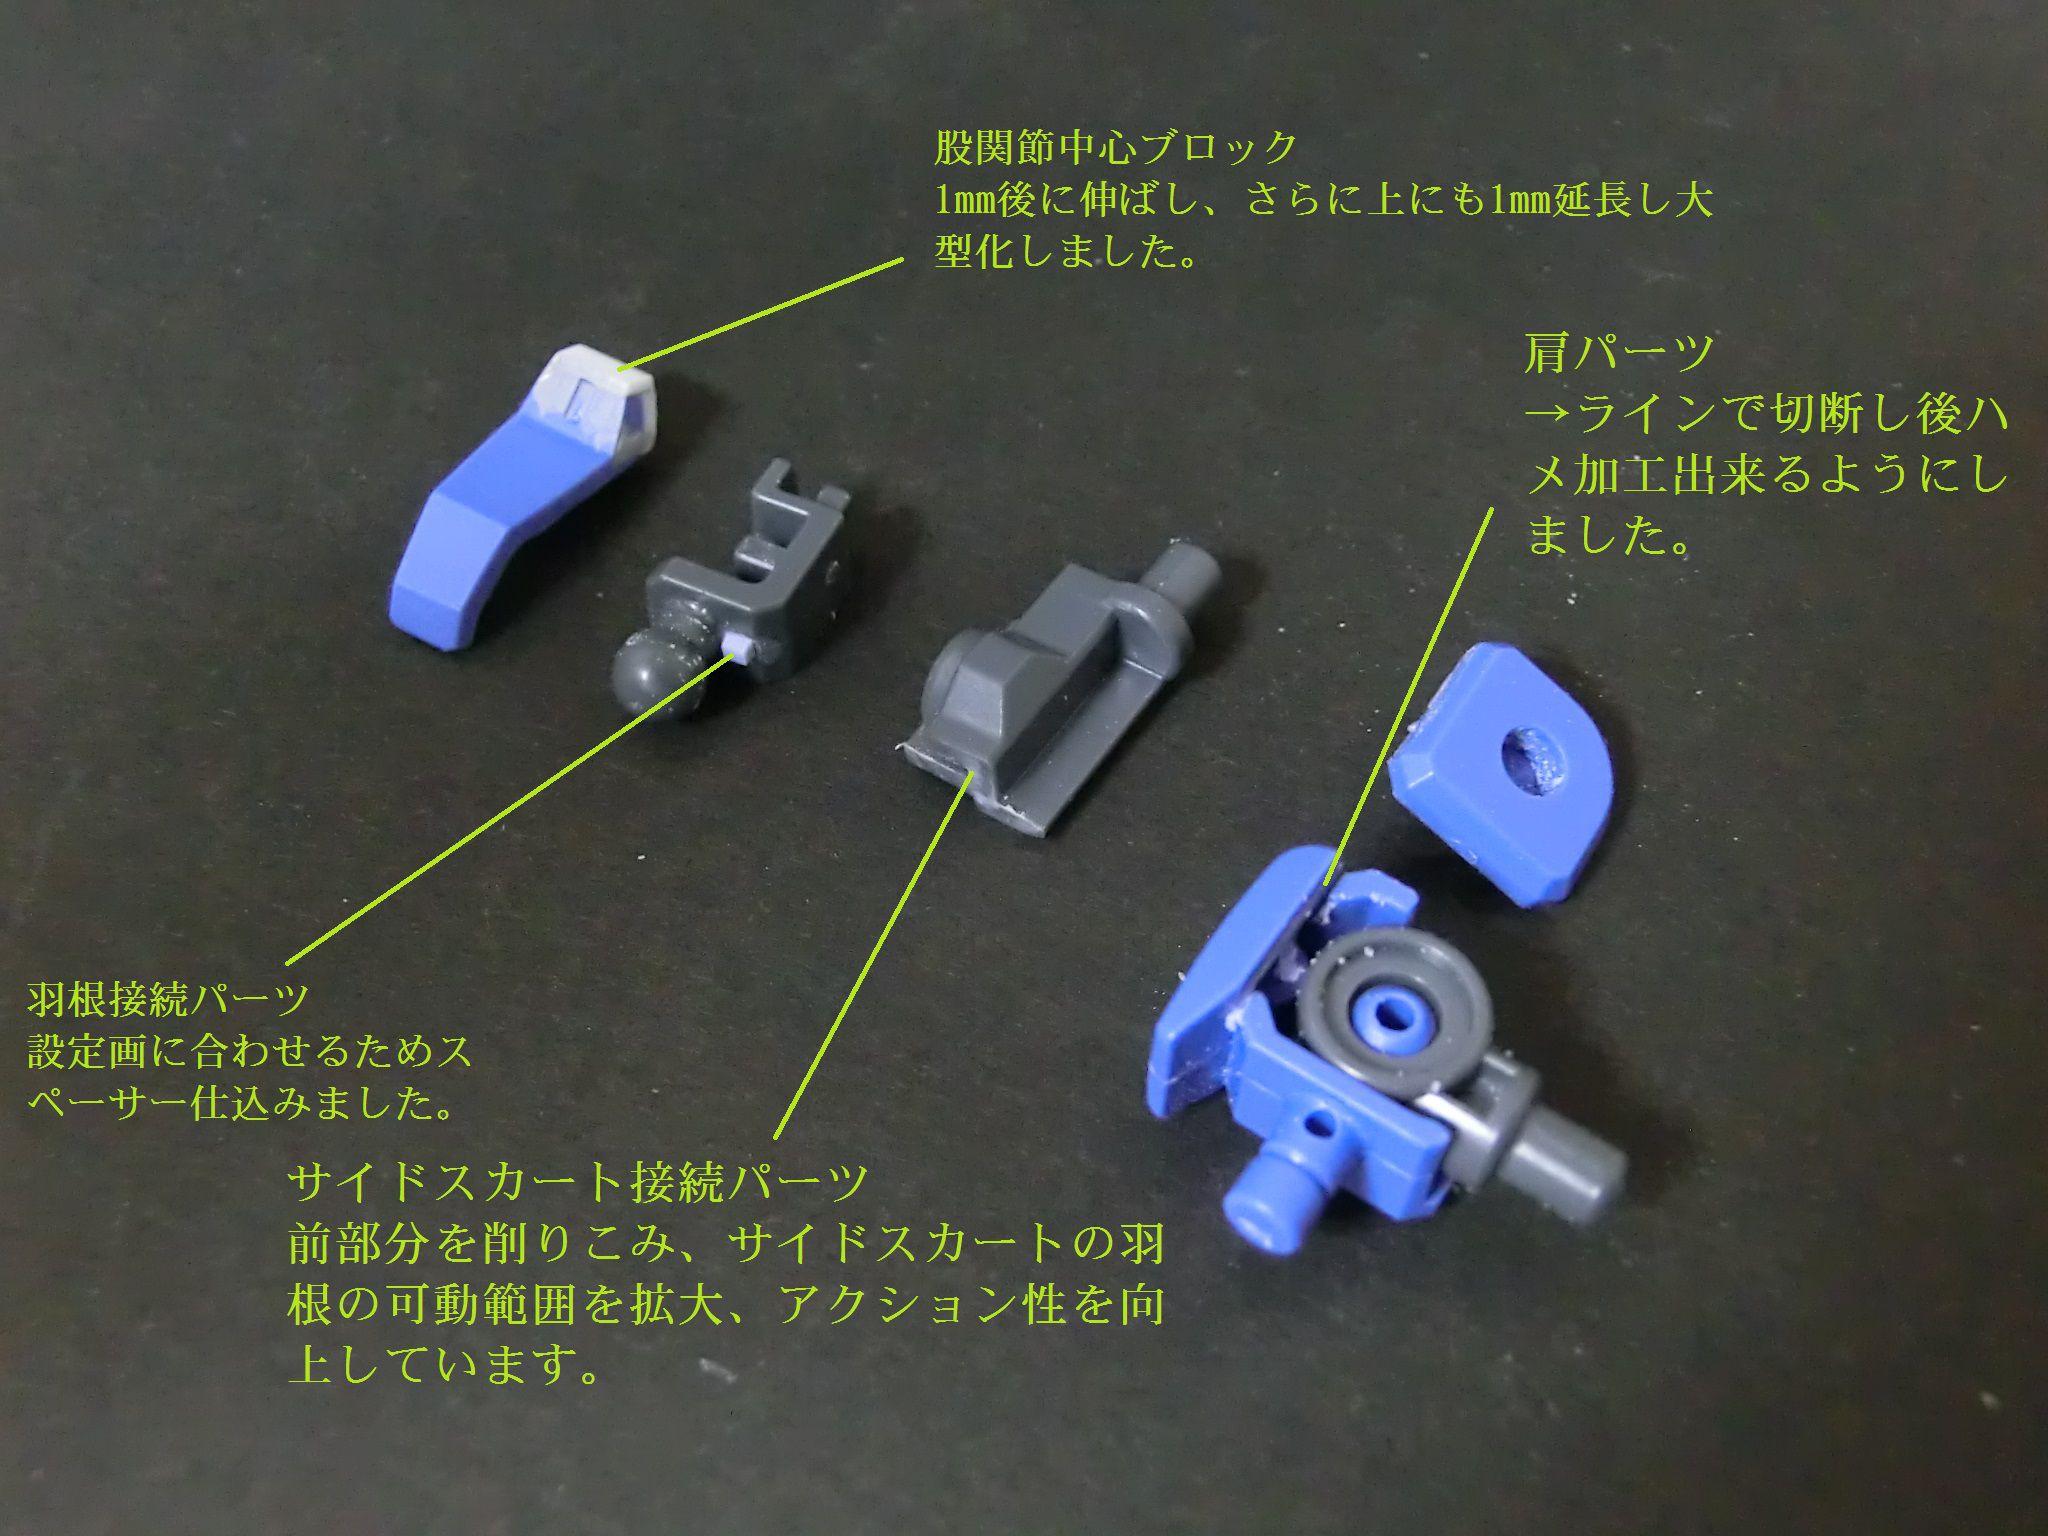 MG0388.jpg